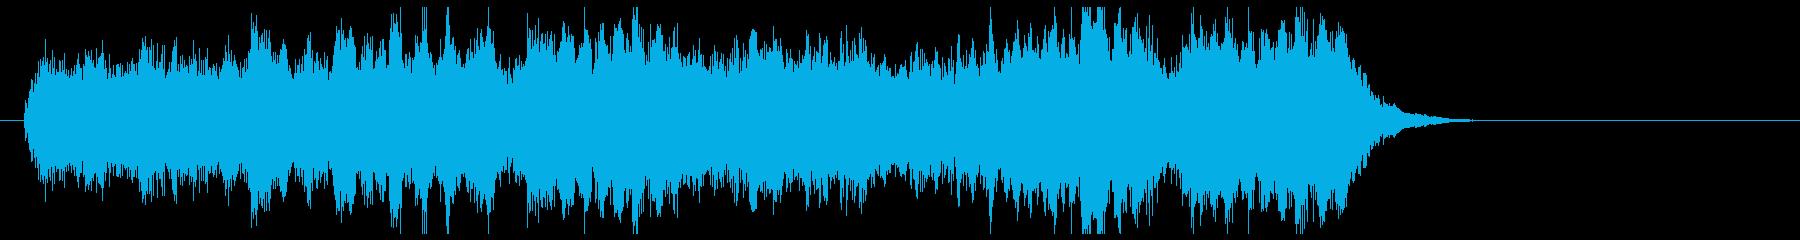 クイズの正解音風ロングバージョンジングルの再生済みの波形